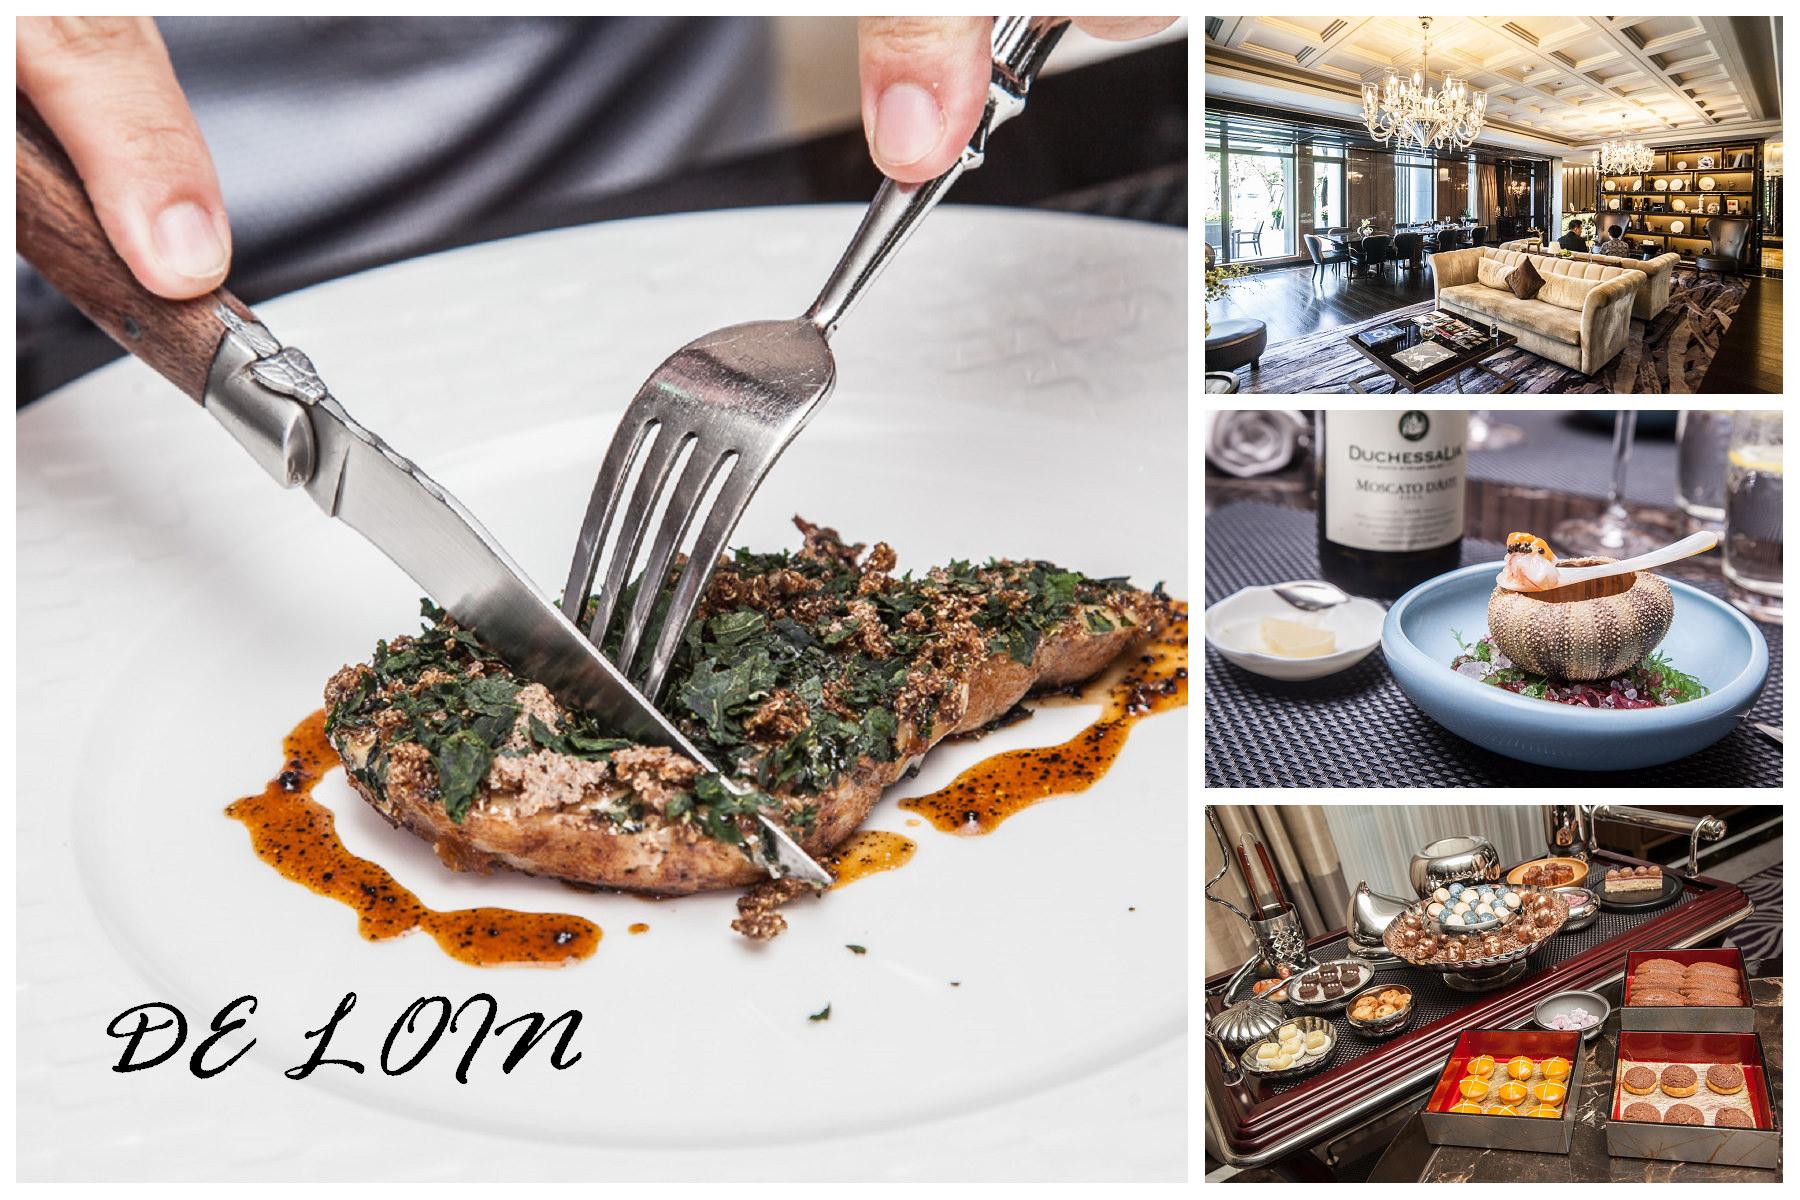 受保護的文章:[台北內湖]2018年台北餐廳週,米其林餐廳參戰!最貼心的服務,最驚豔的法式料理!DE LOIN德朗餐廳